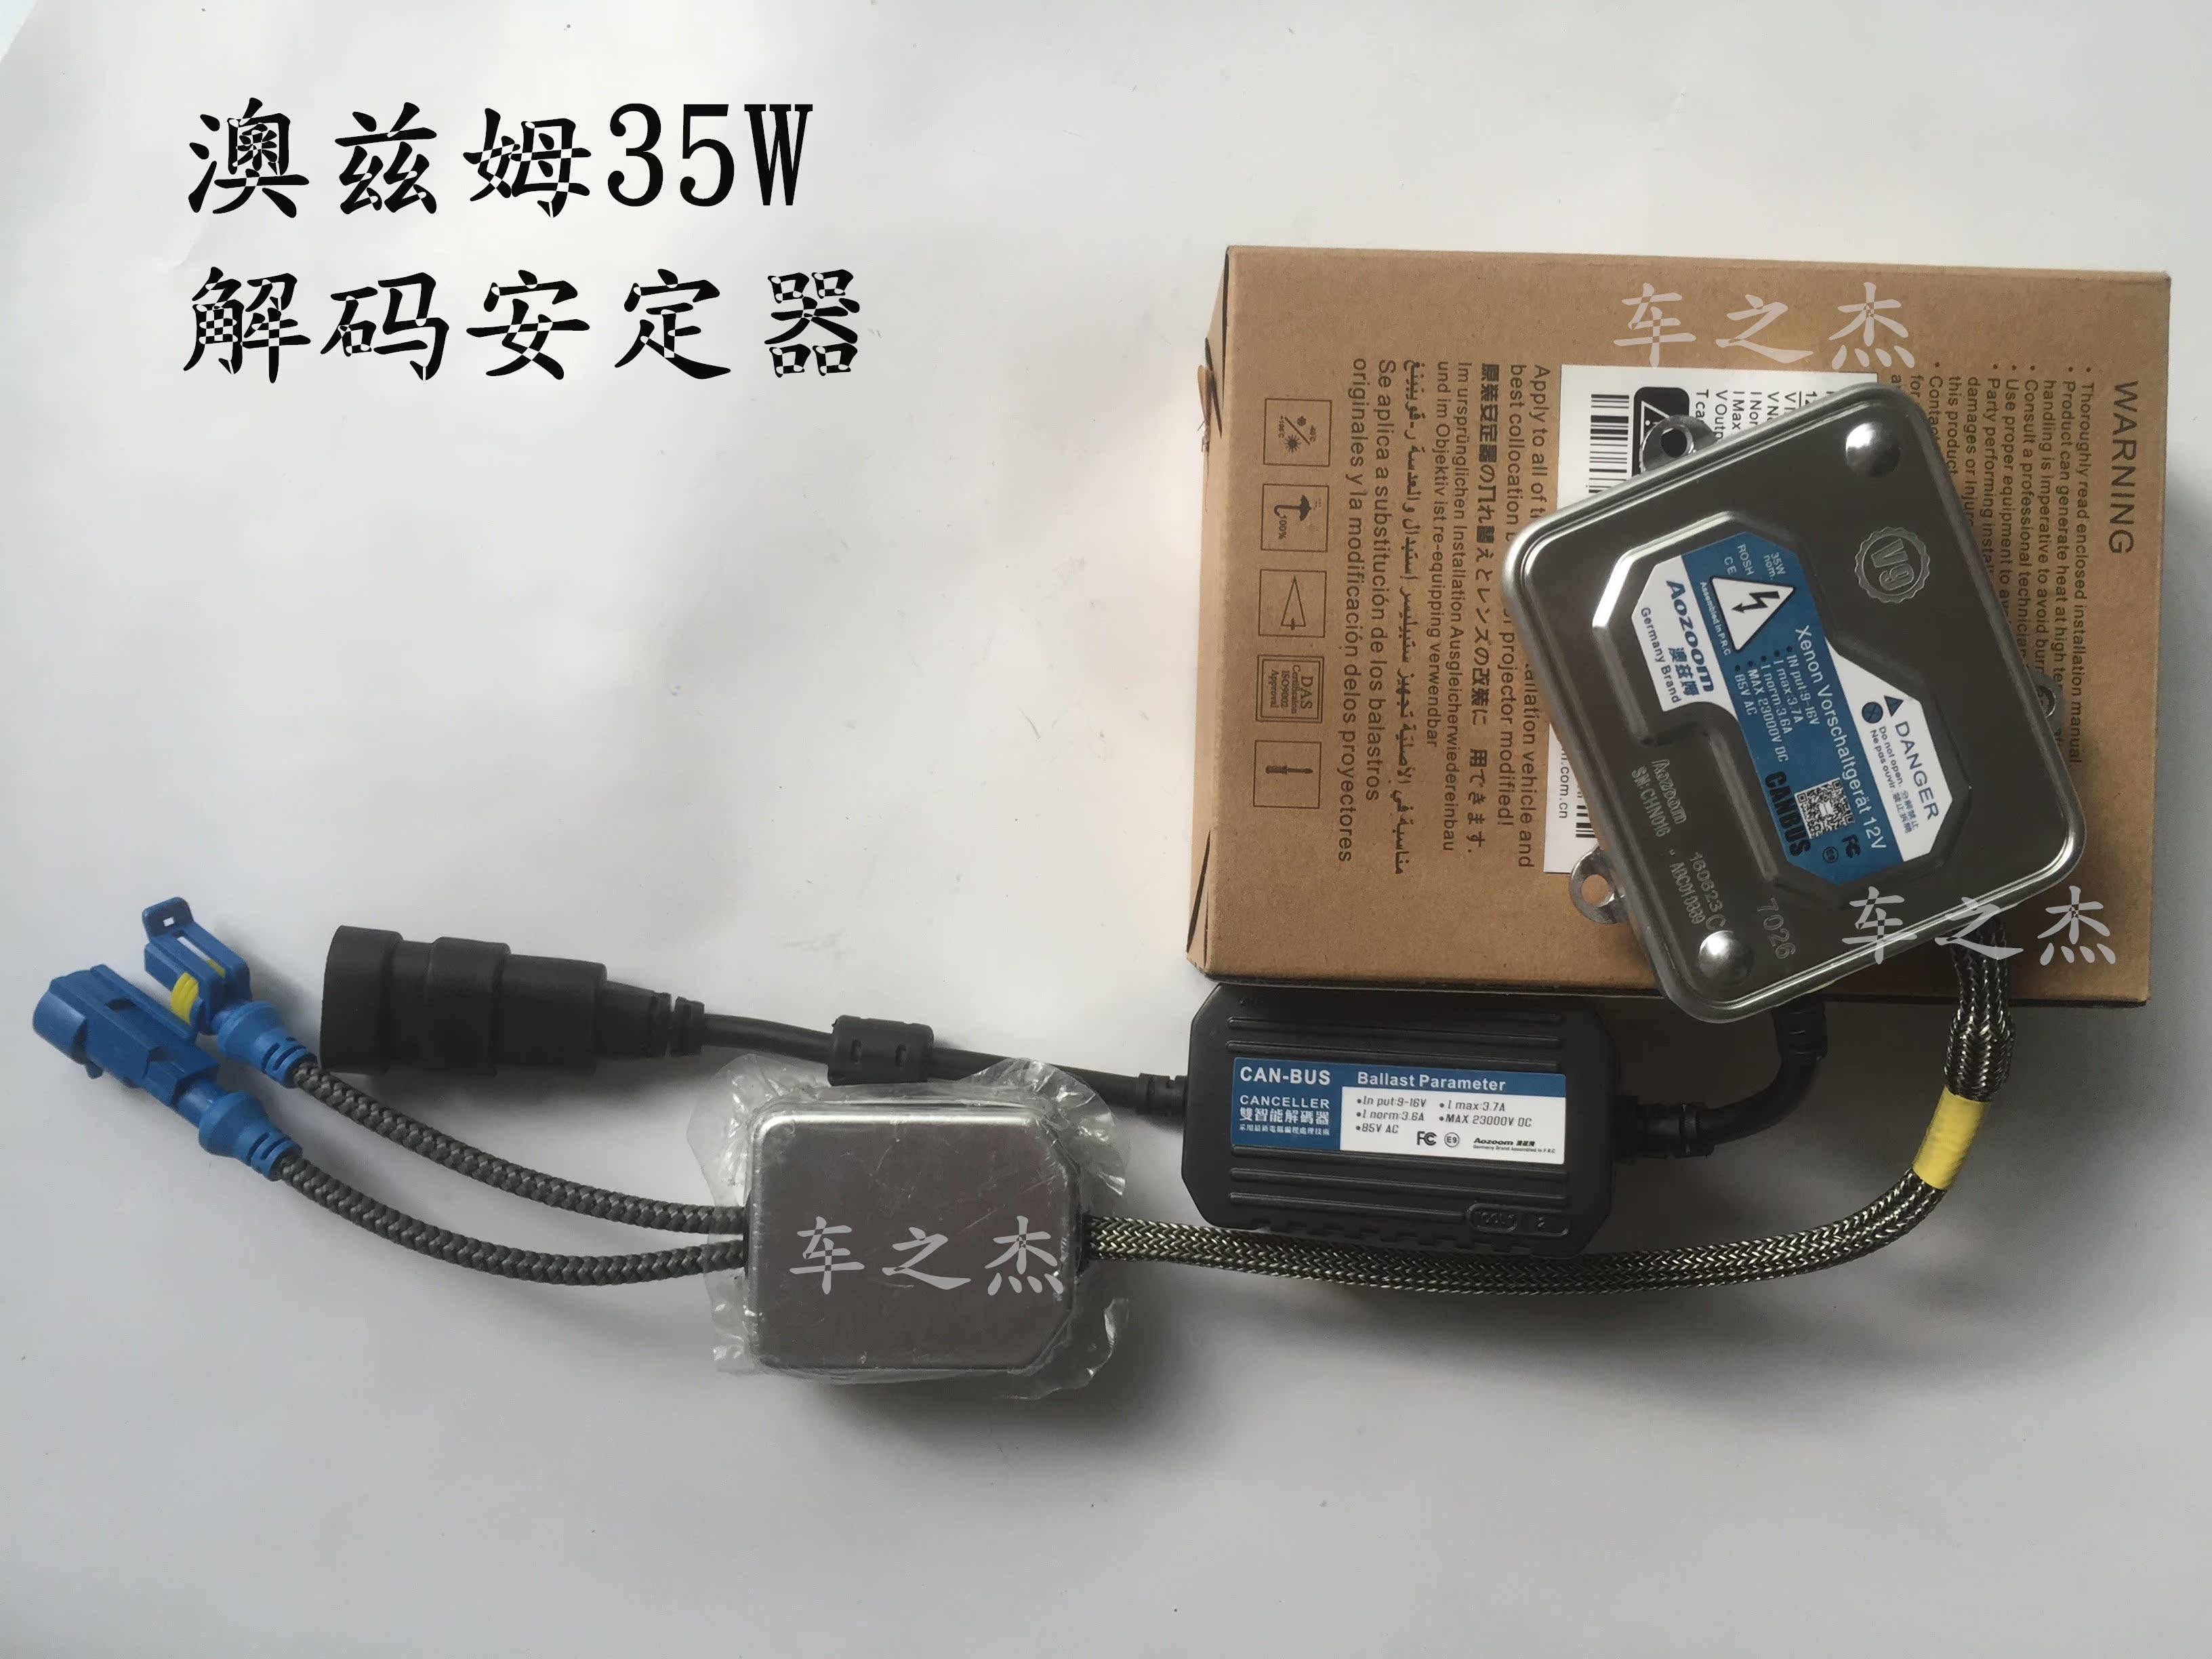 澳兹姆35w 奥兹滋母55W高亮1秒快启全亮数字解码安定器氙气灯泡